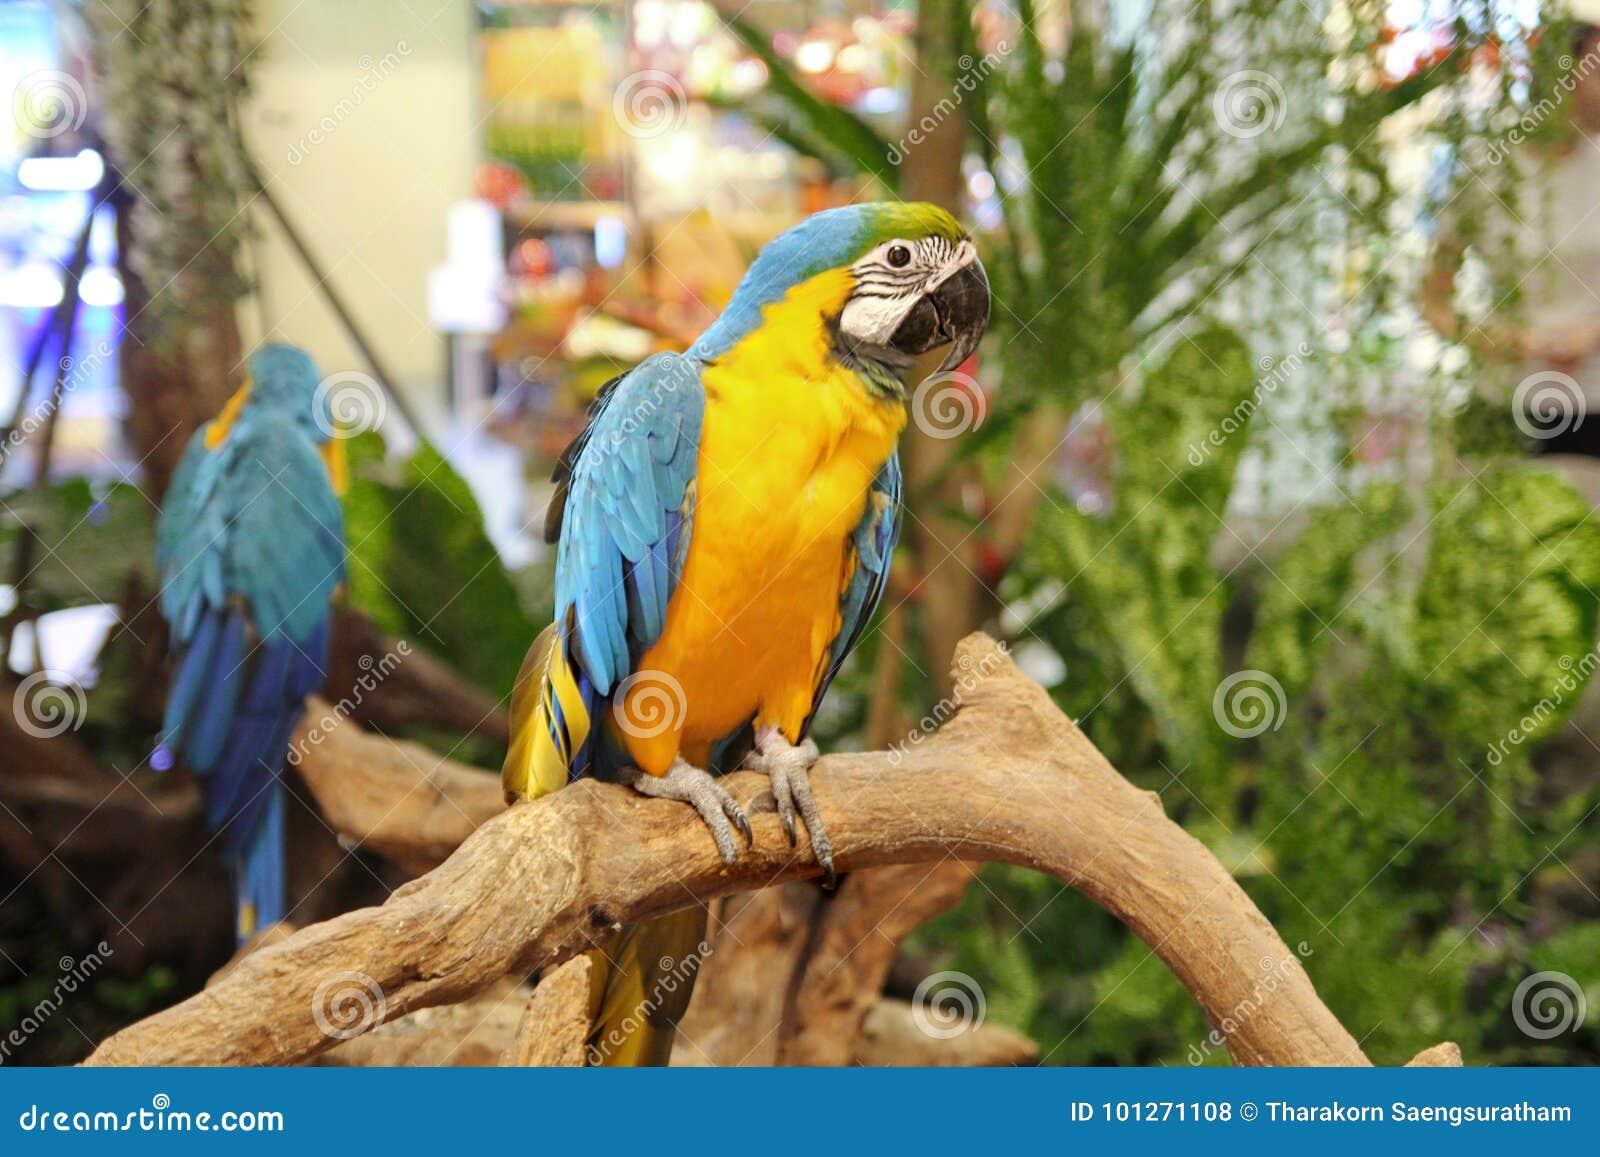 4 Monate männlicher blauer und gelber Keilschwanzsittichpapagei im Mall